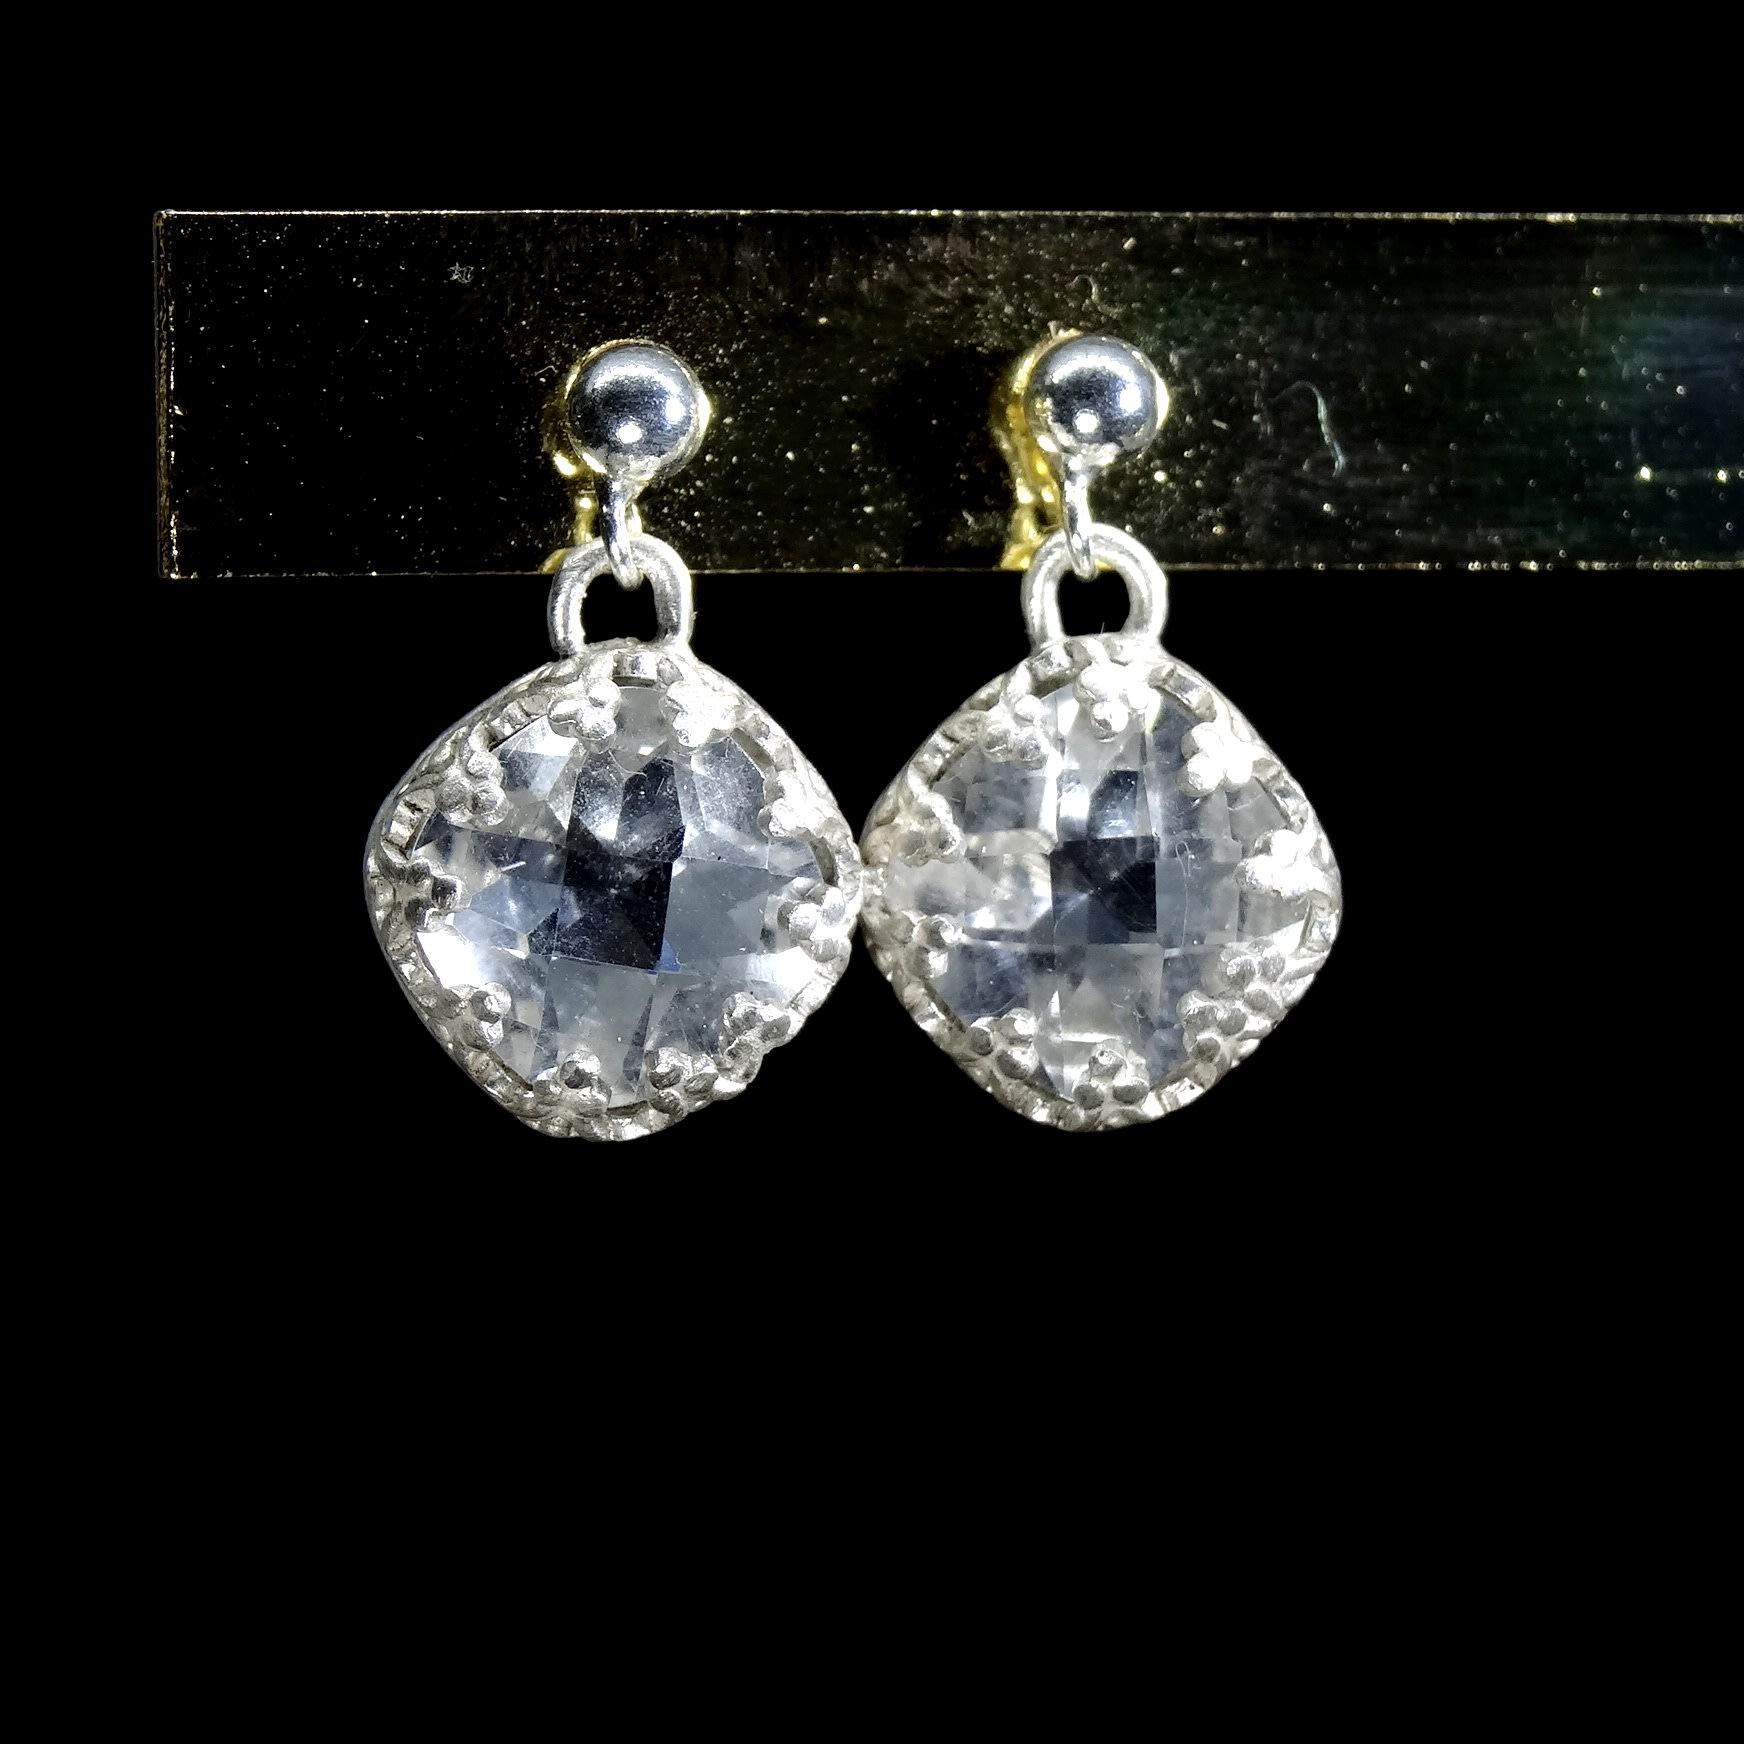 【善觀手作精品】耳環 天然 白水晶 鑽切閃亮 925銀飾 寶石 金工 手工 手創 飾品 首飾